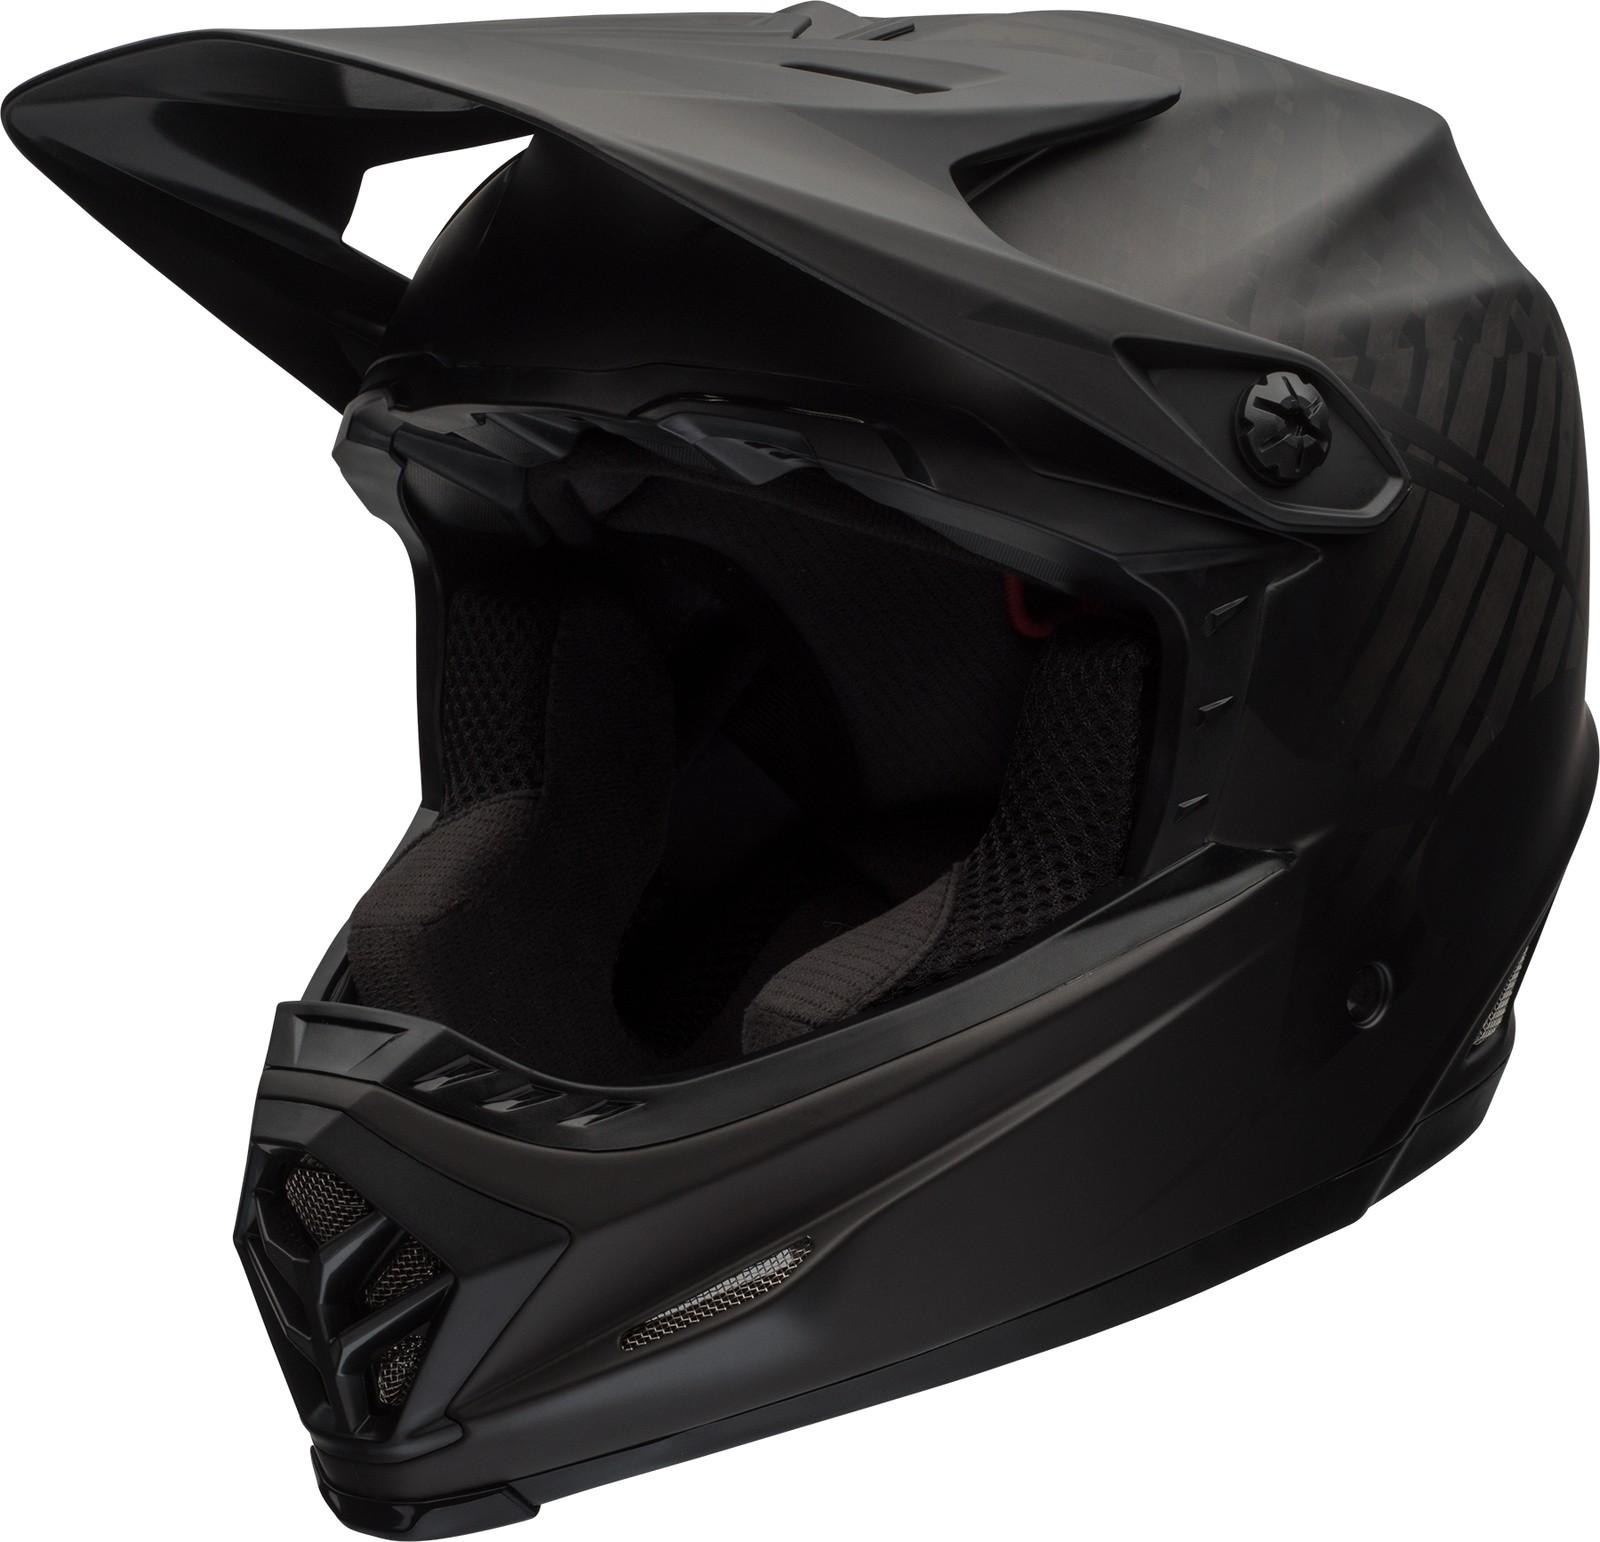 Bell Full-9 DH Fahrrad Helm schwarz/grau 2018